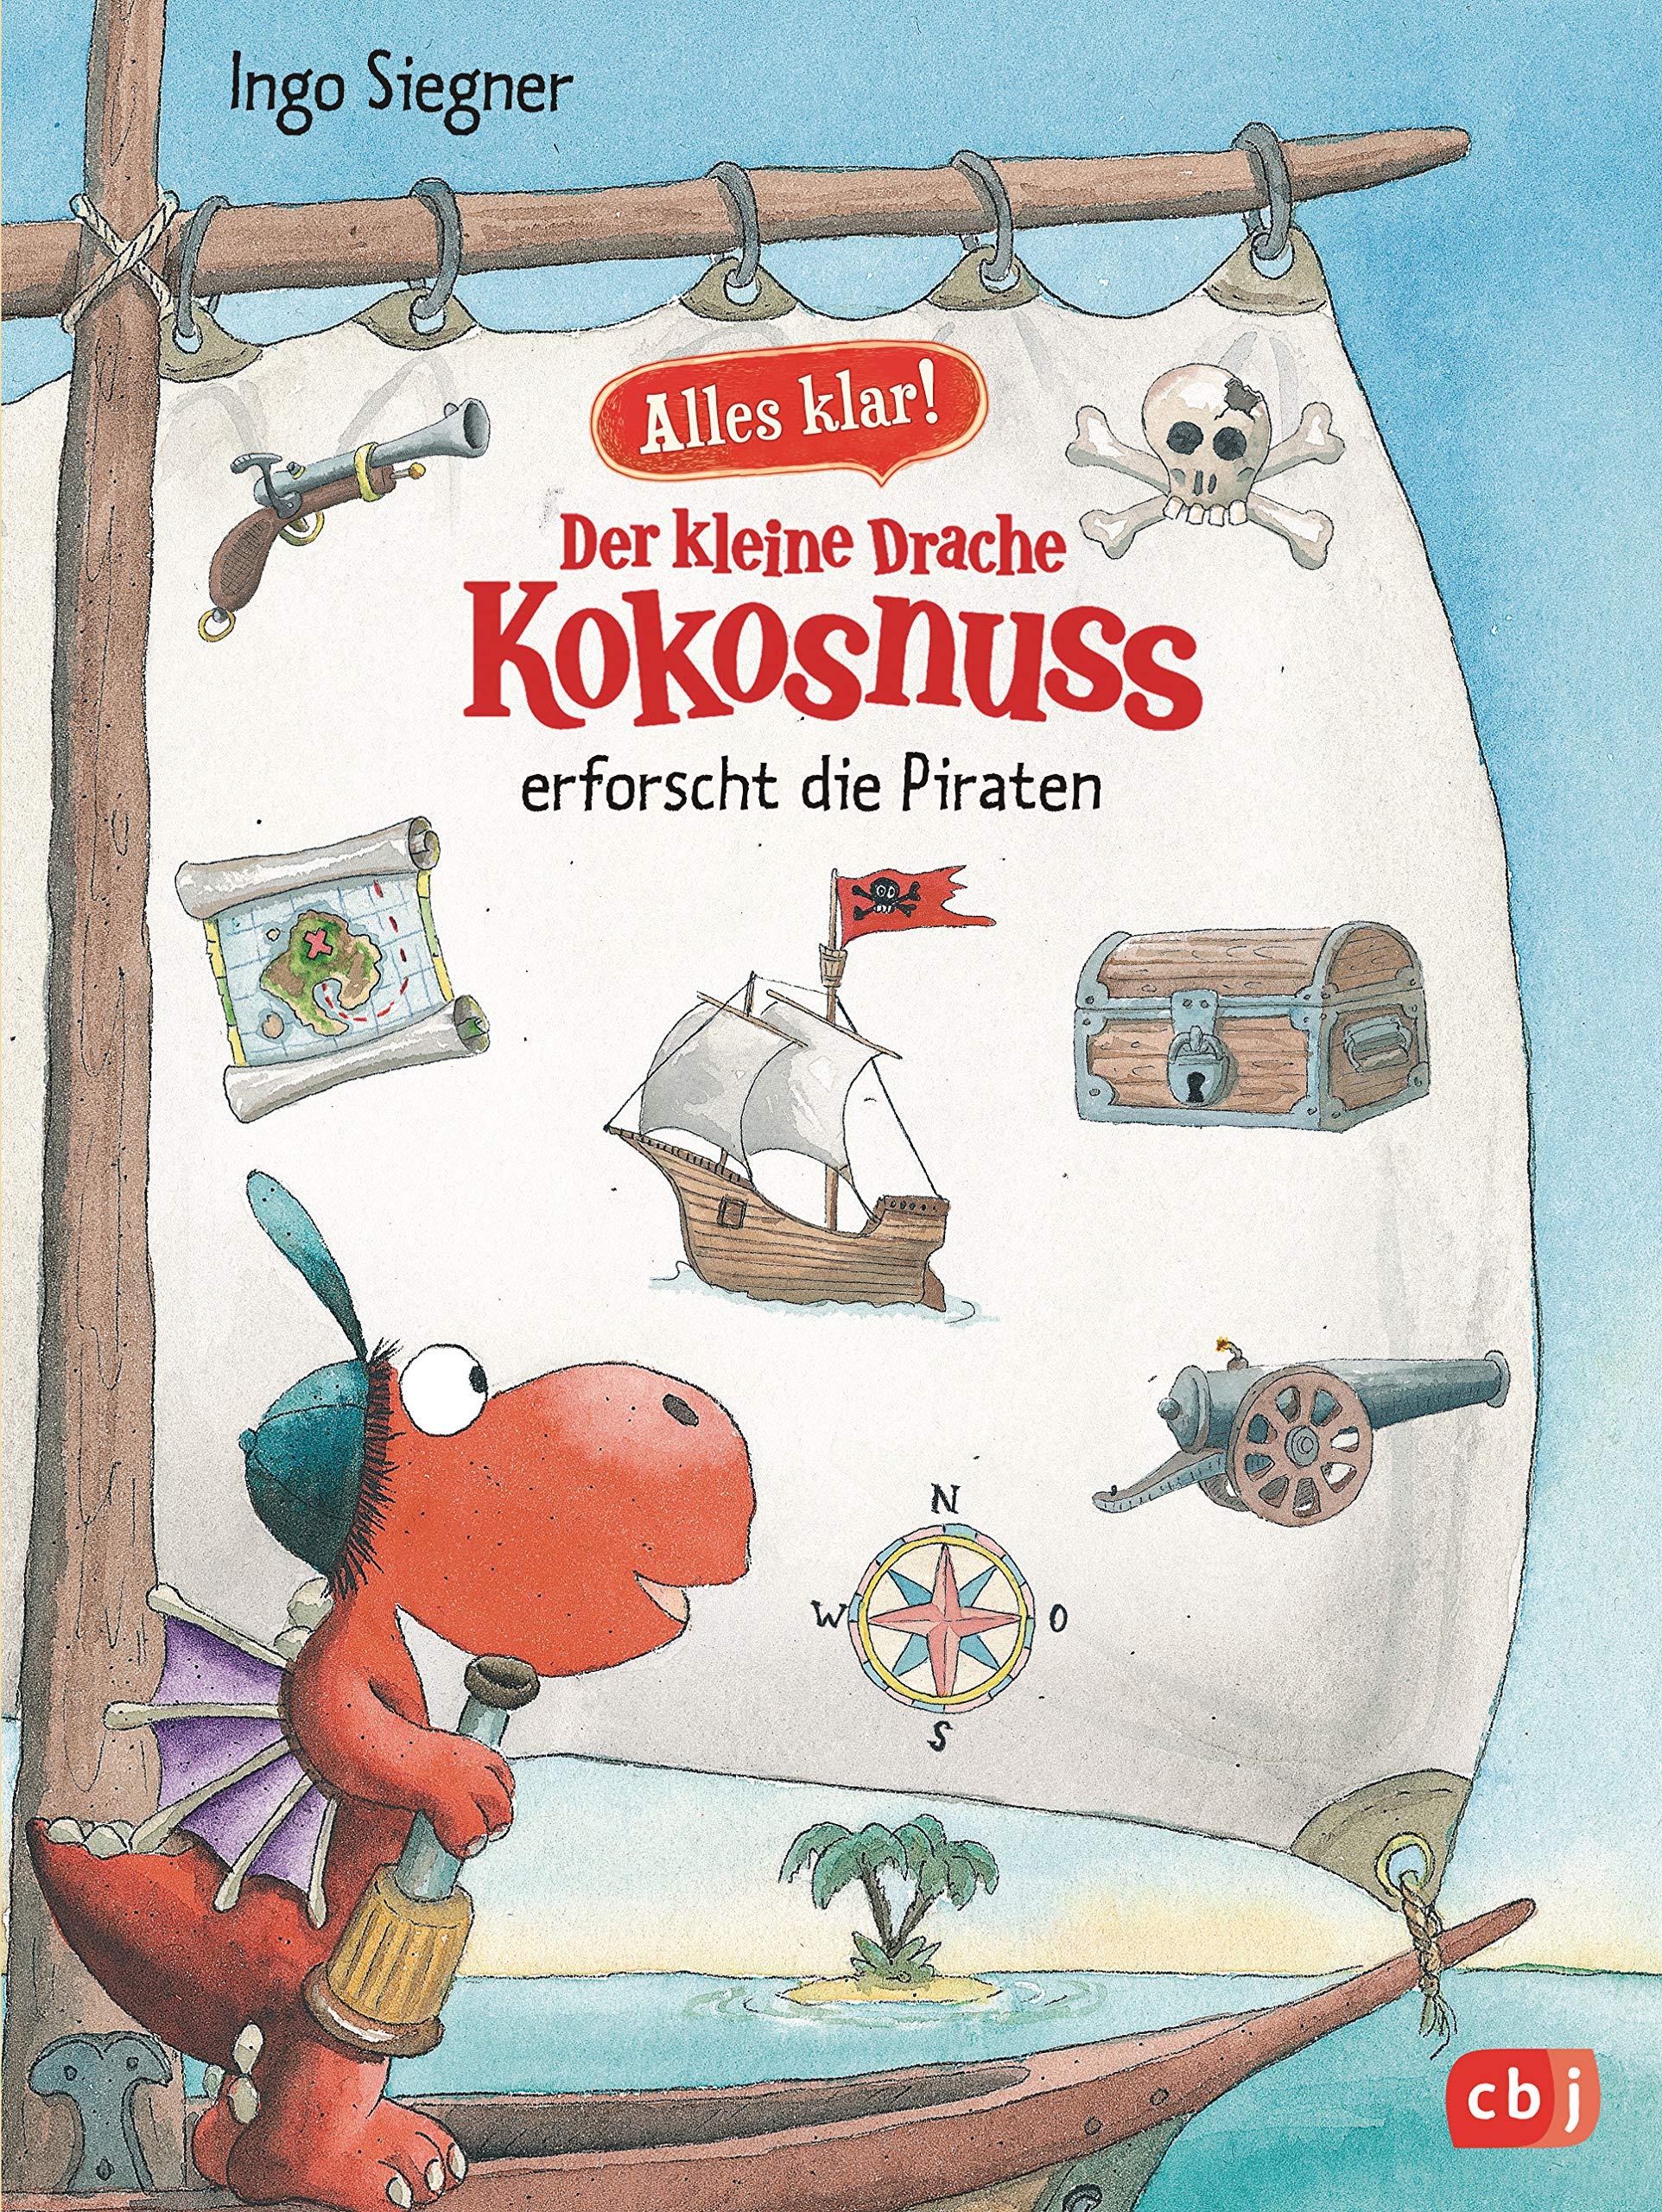 Alles klar! Der kleine Drache Kokosnuss erforscht die Piraten: Mit zahlreichen Sach- und Kokosnuss-Illustrationen (Drache-Kokosnuss-Sachbuchreihe Band 4)